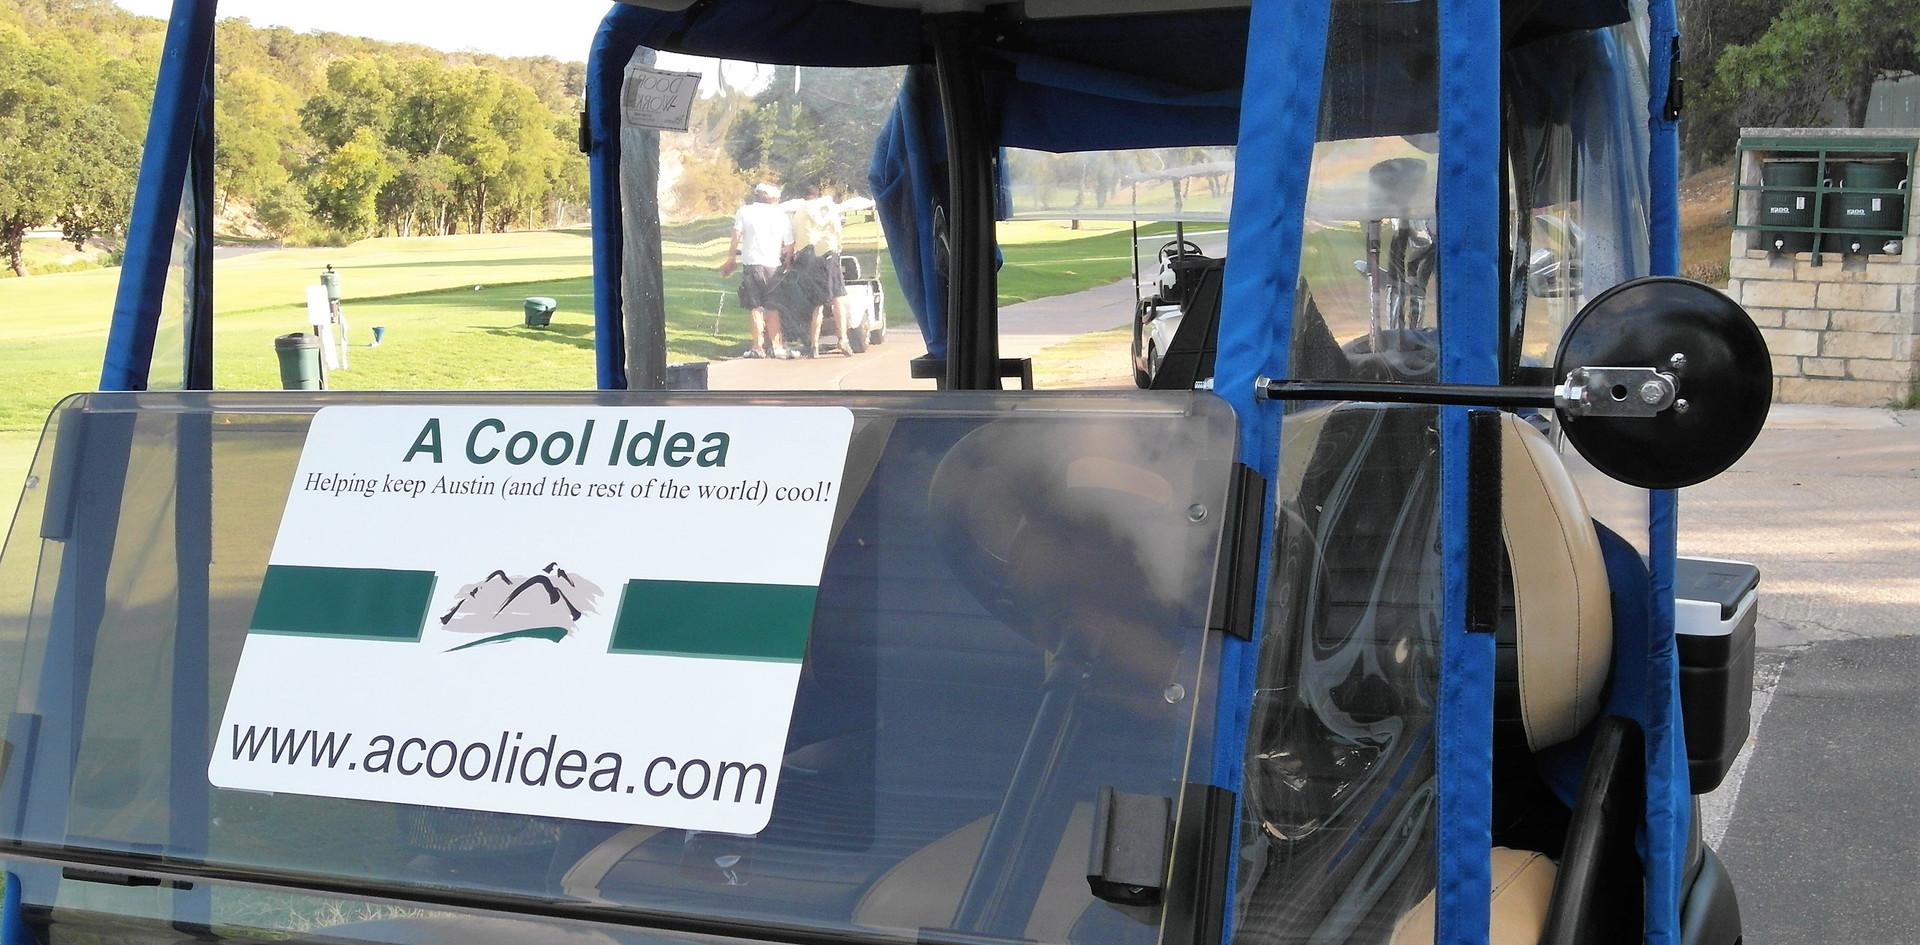 A Cool Idea